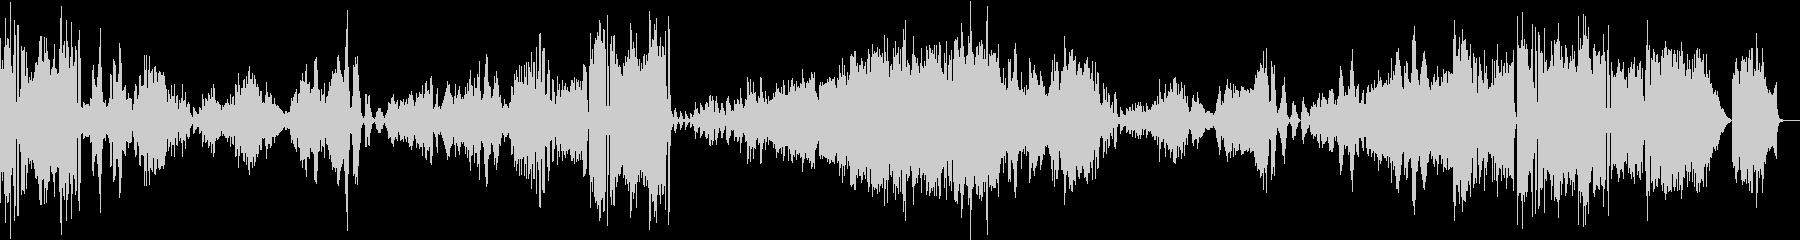 ブラームス/ヴァイオリン・ソナタ3-4の未再生の波形